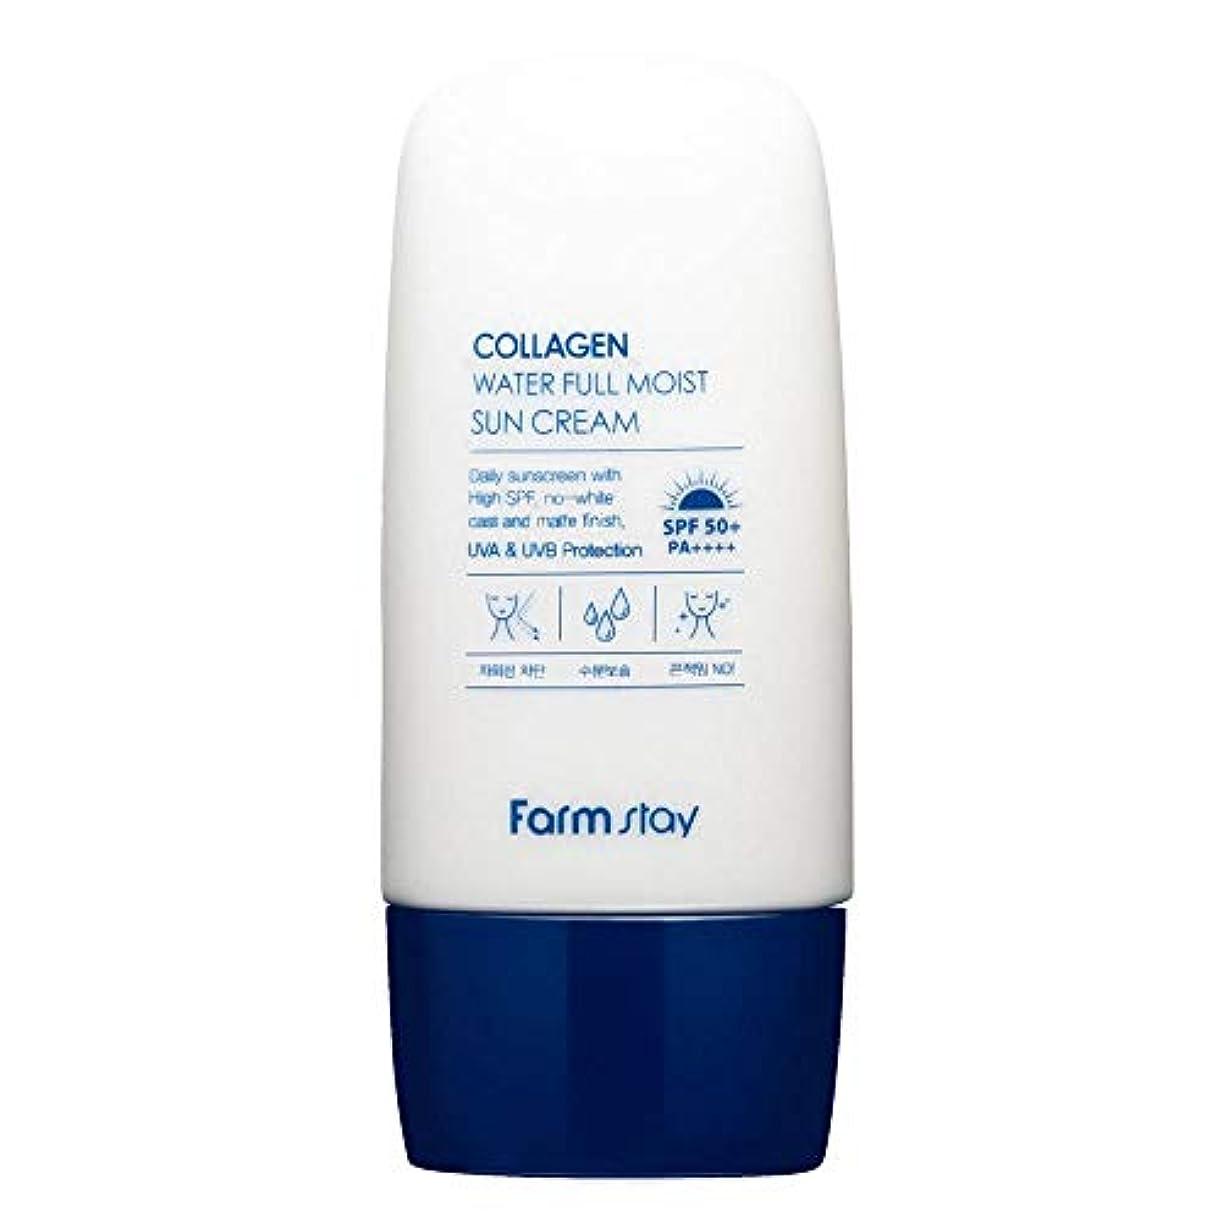 疑問を超えて分離する緑ファームステイ[Farm Stay] コラーゲンウォーターフルモイストサンクリーム45g / Collagen Water Full Moist Sun Cream